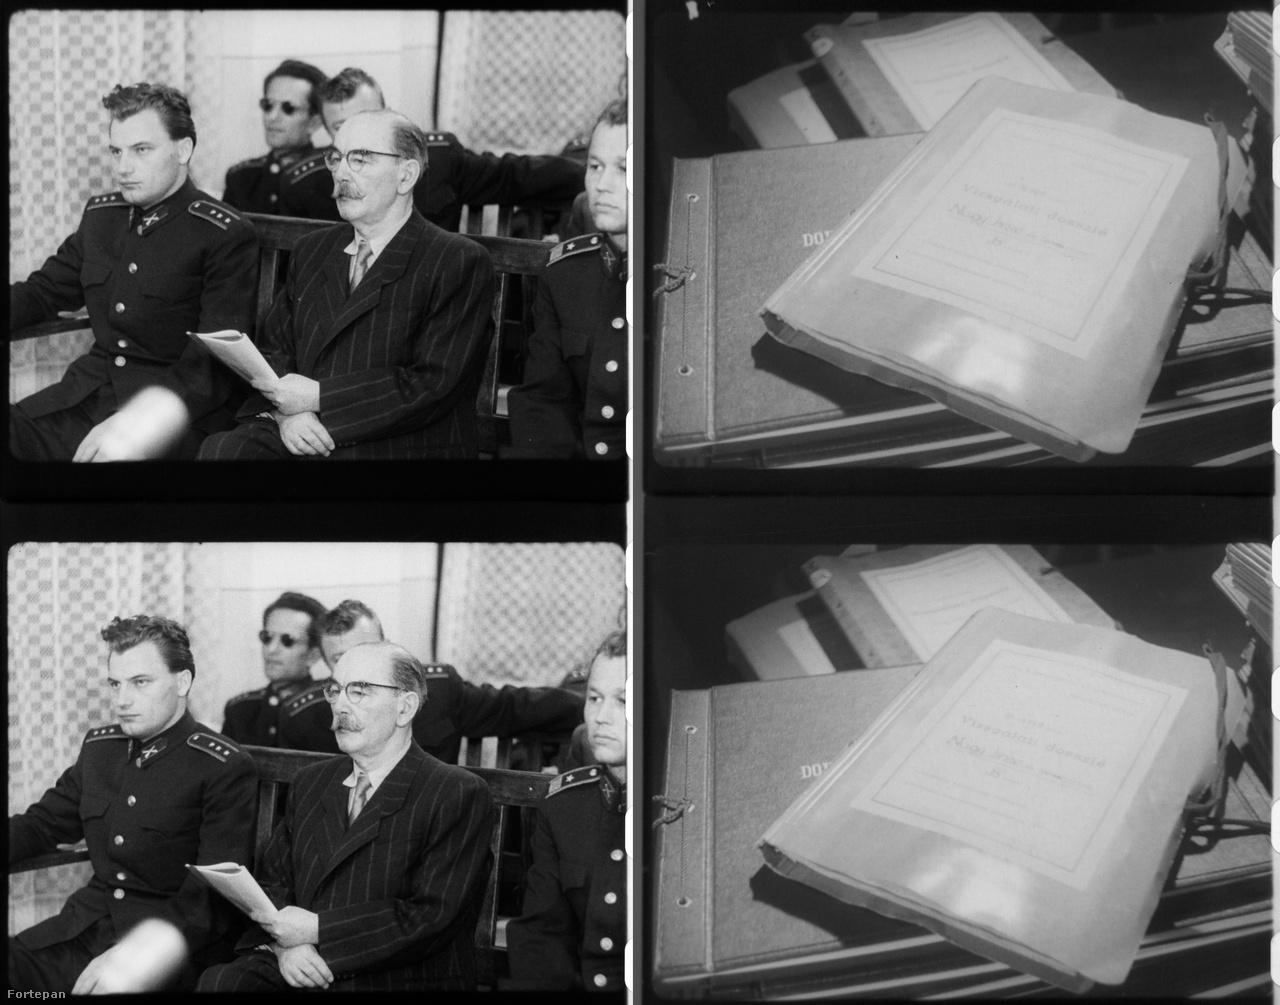 Kádár János Moszkvában állapodott meg az SZKP vezetőivel Nagy Imre és társai bíróság elé állításáról 1957 áprilisában. Ezután rögtön hazaszállították őket Snagovból, bekötött szemmel ültették őket repülőre, és azonnal a Gyorskocsi utcába vitték őket. Igaz, '56 november 22-én Nagy Imréék még a Kádár-kormány ígéretében bízva hagyták el a jugoszláv követséget - Kádár volt a november 4. előtti pártvezetés egyetlen tagja, aki ekkor szabadon volt.